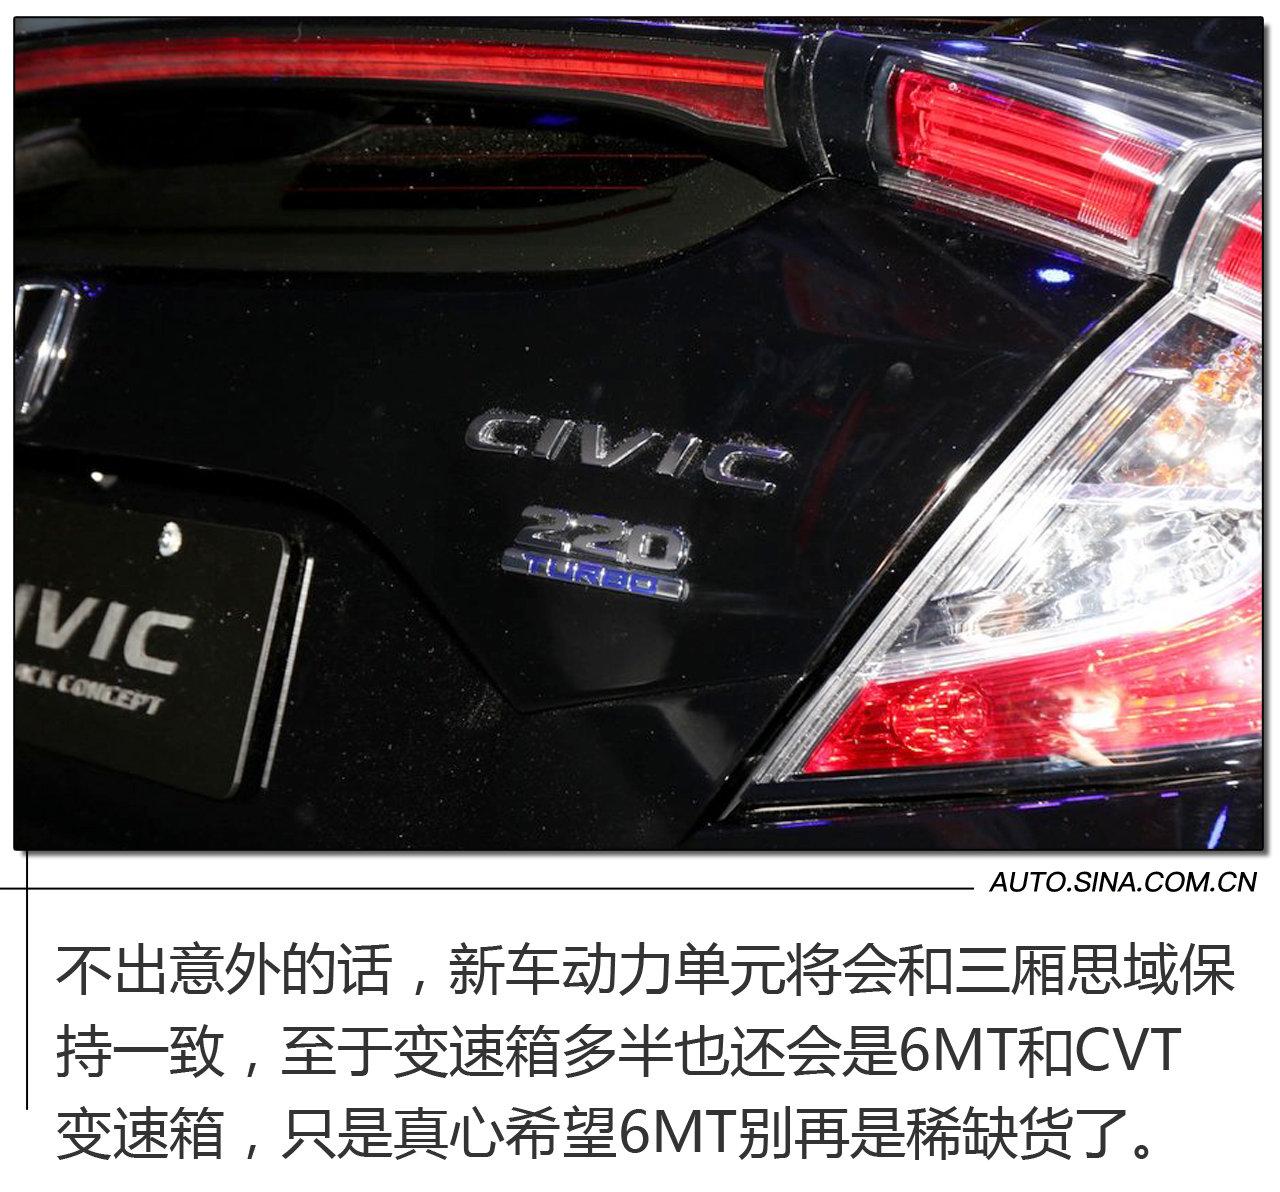 2020粤港澳车展:思域Hatchback都来了 高八你不着急么?